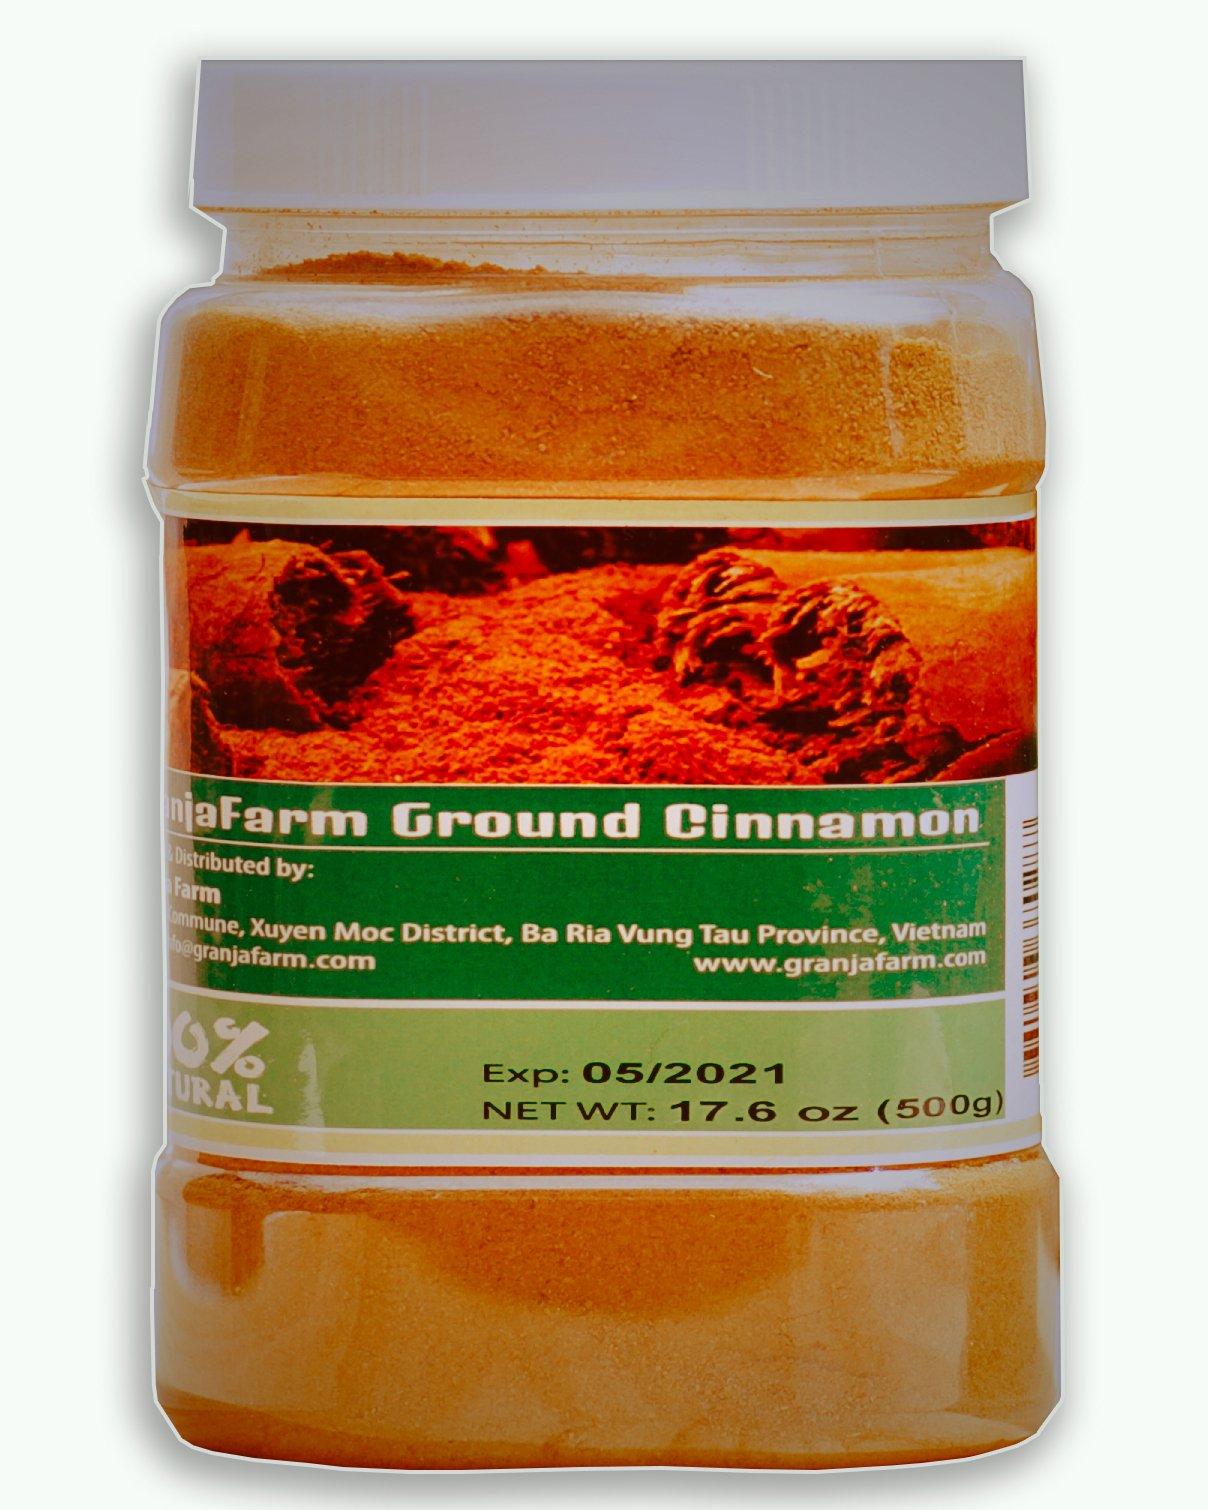 GranjaFarm Ground Cinnamon 17.6 Oz (500g)